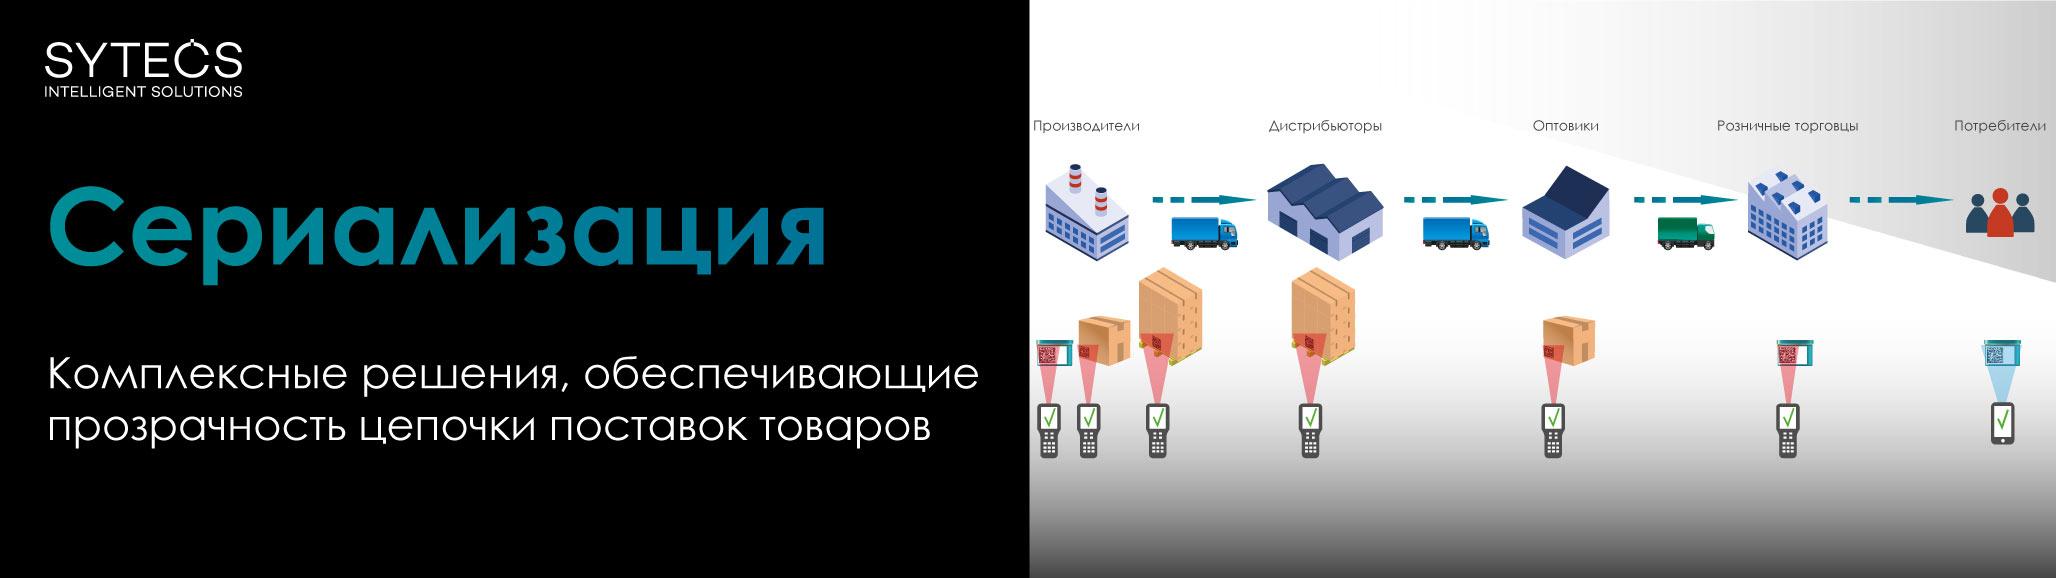 схема цепочки поставок